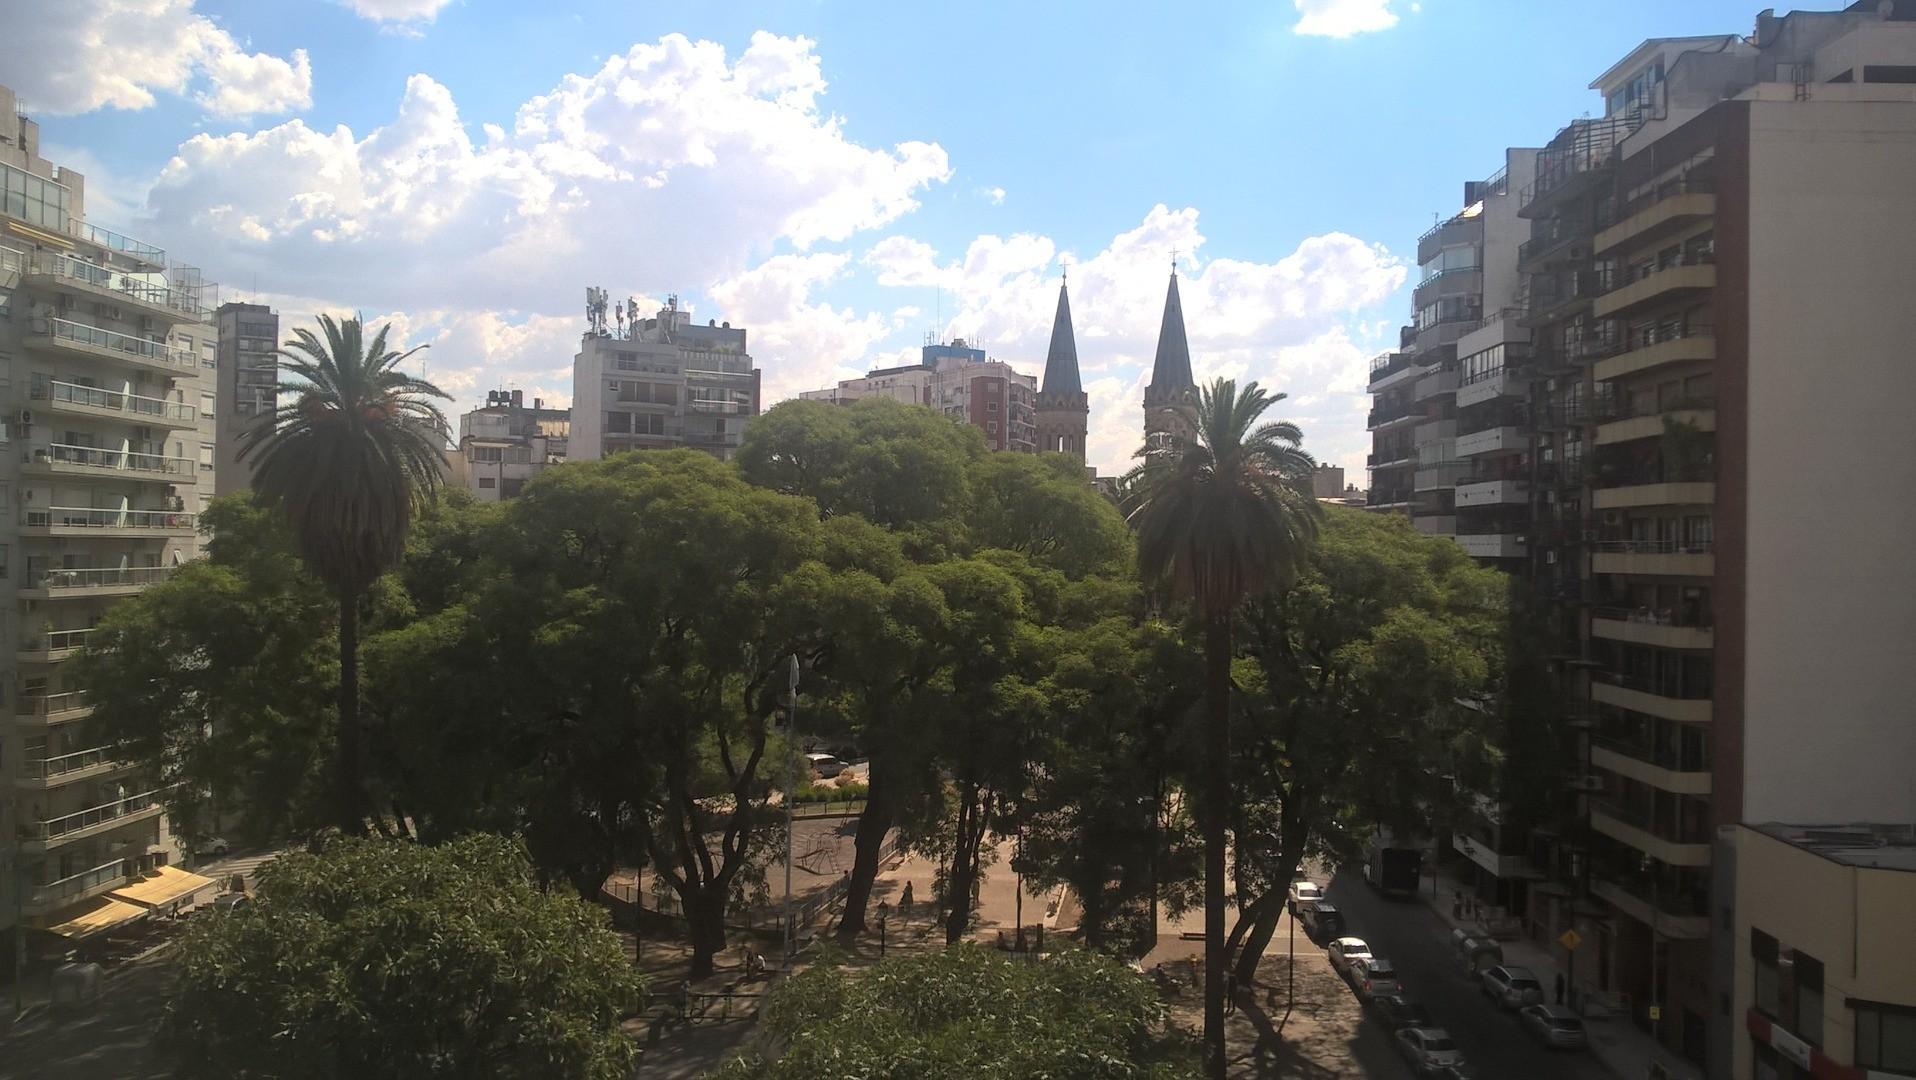 DESTACADO DEL MES! LO MEJOR DEL ALTO PALERMO! Vista Unica! A Plaza Guadalupe y Basilica